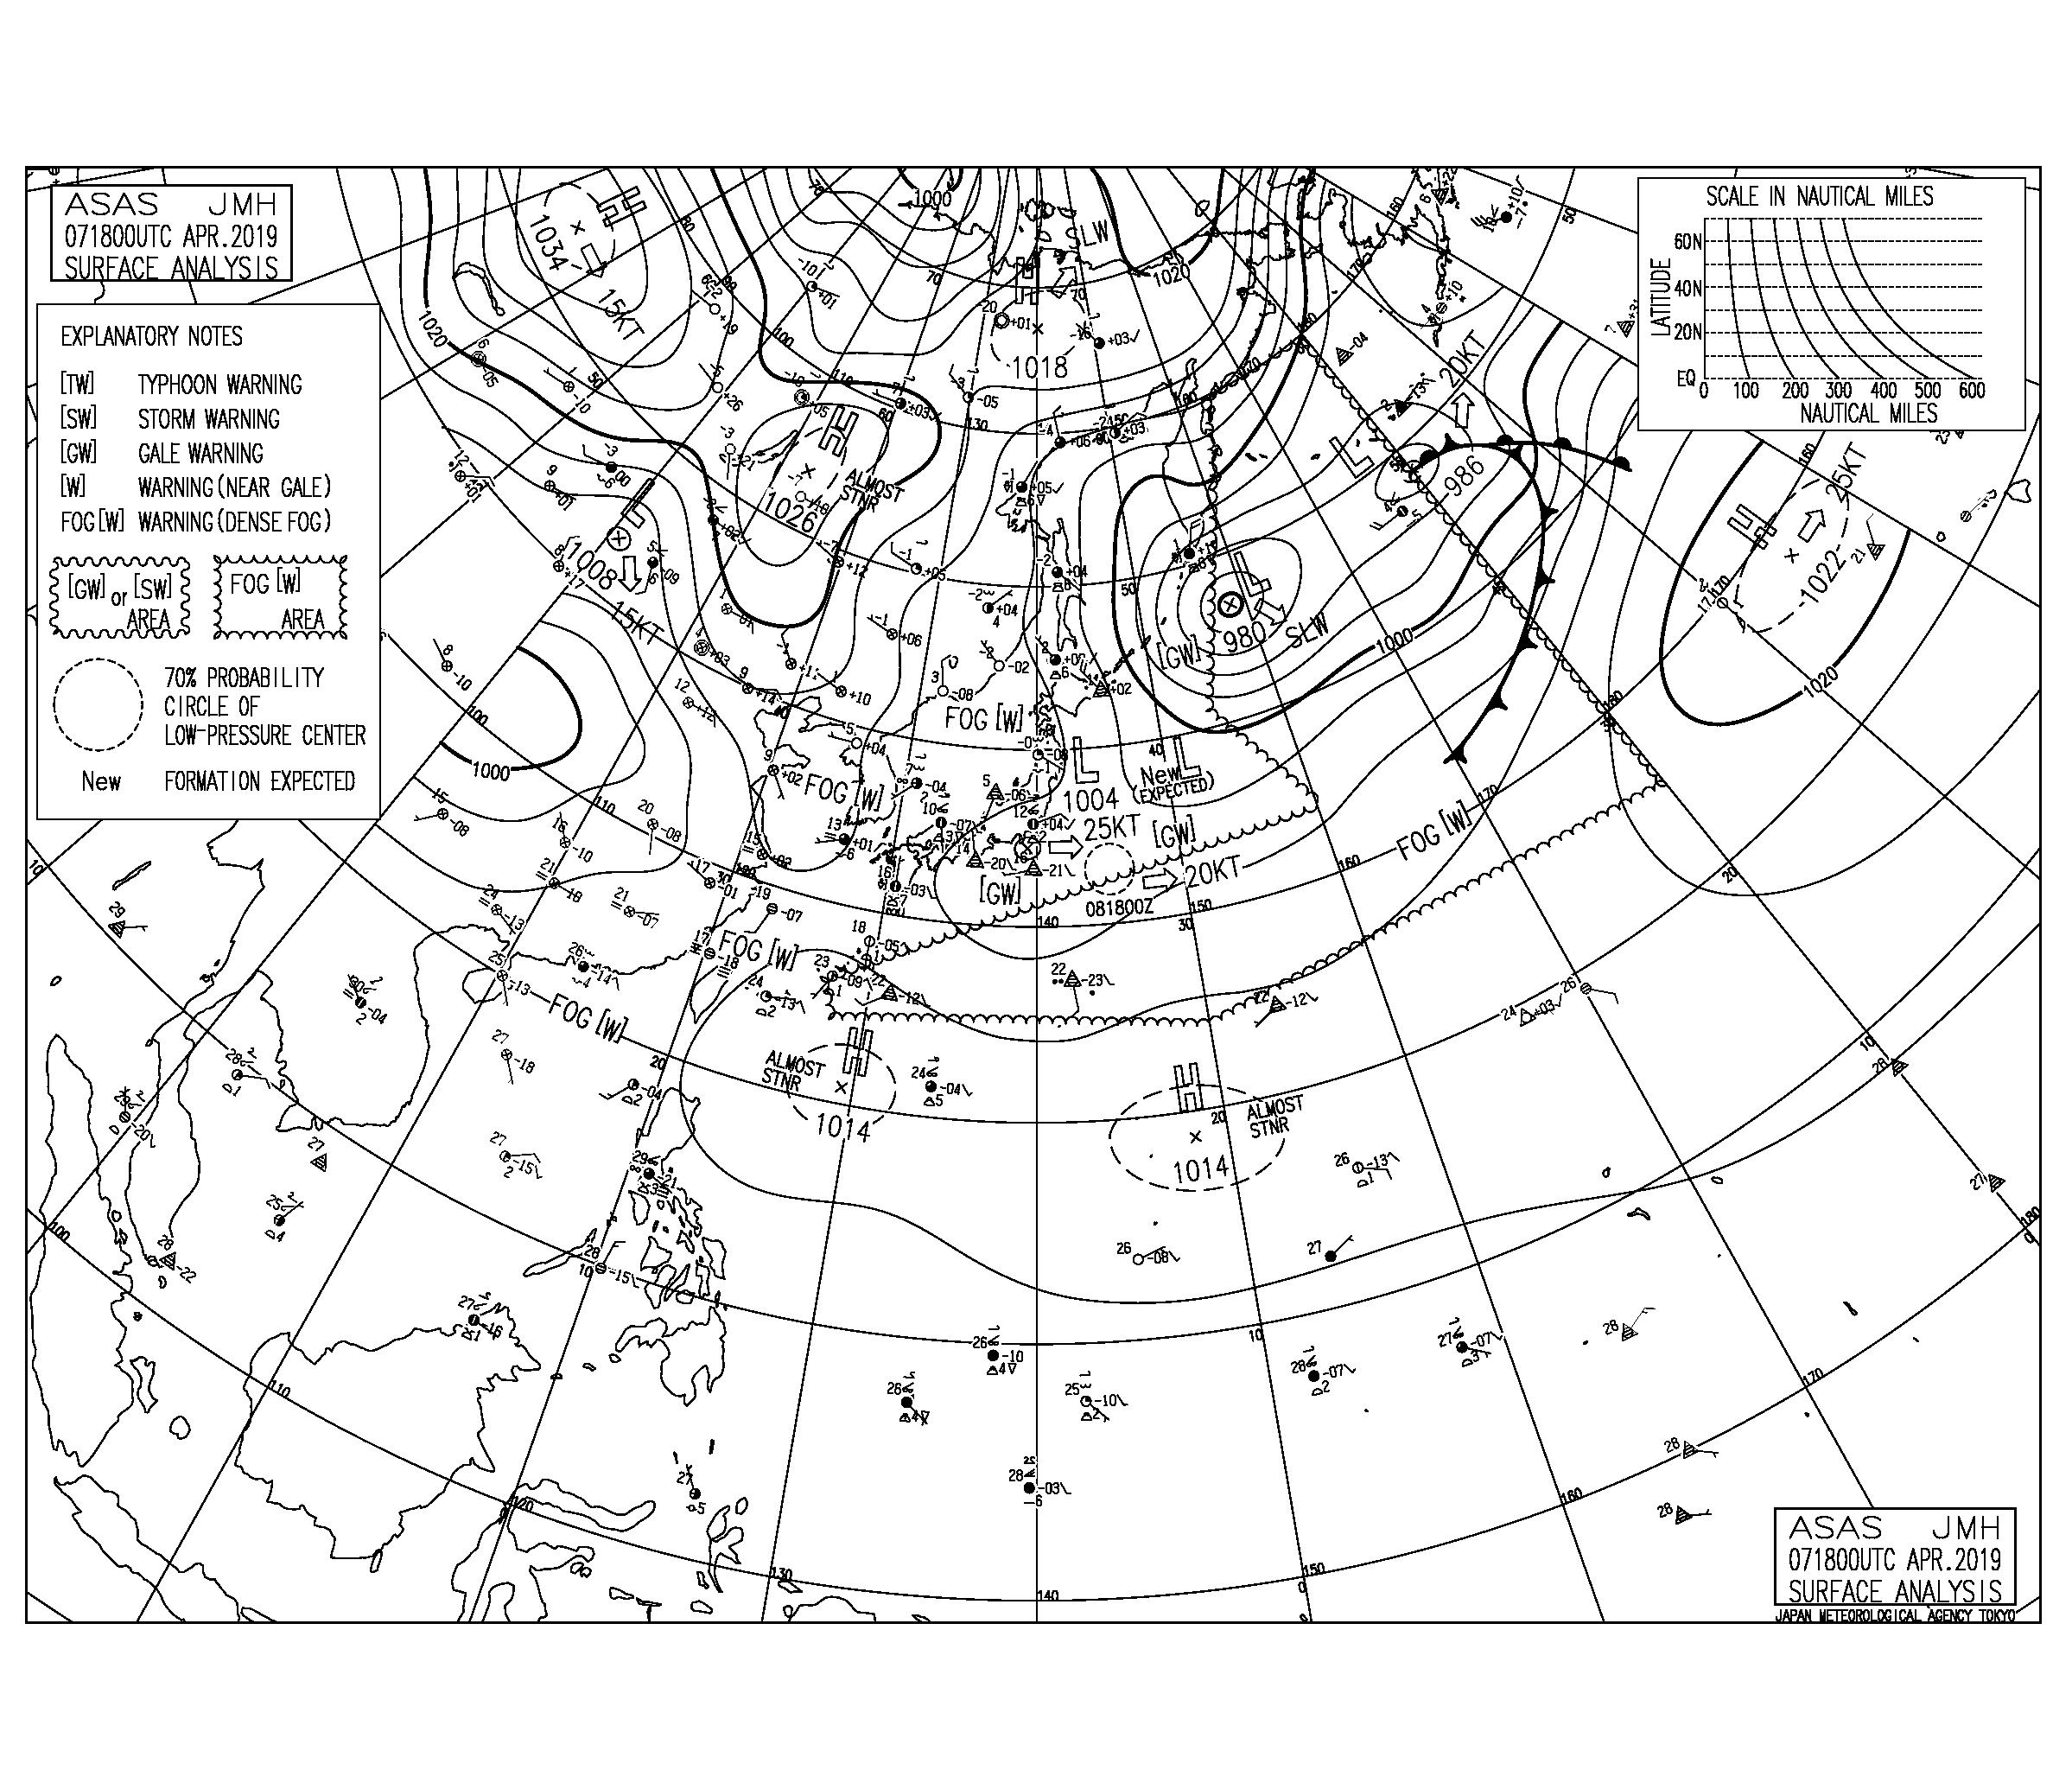 北東の風が強めに入り肌寒い月曜日、今週の気温は平年よりやや低い【2019.4.8】